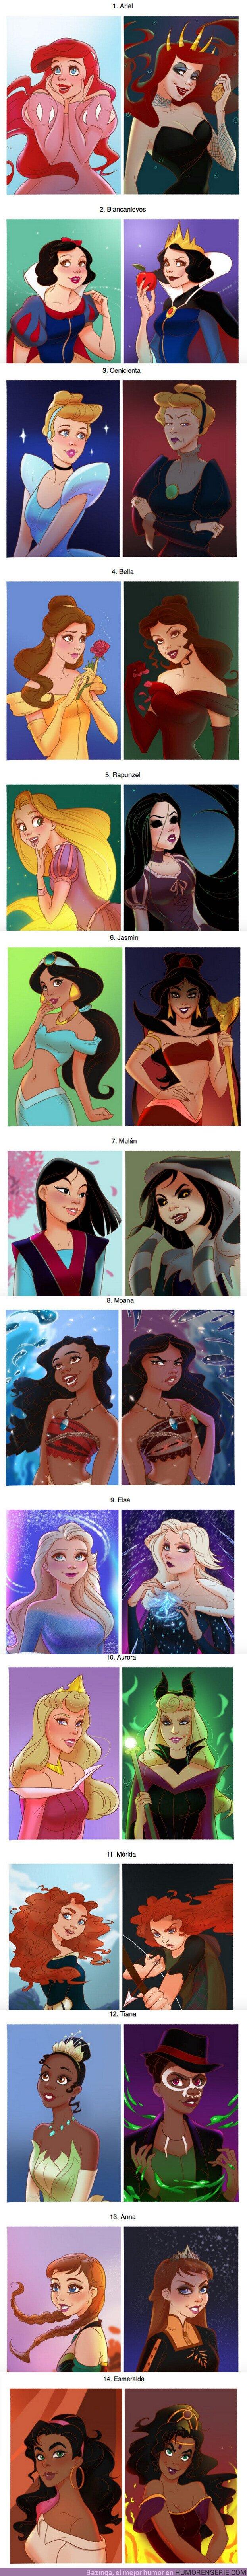 55928 - GALERÍA: Cómo se verían 14 princesas de Disney si fueran las malas de la película